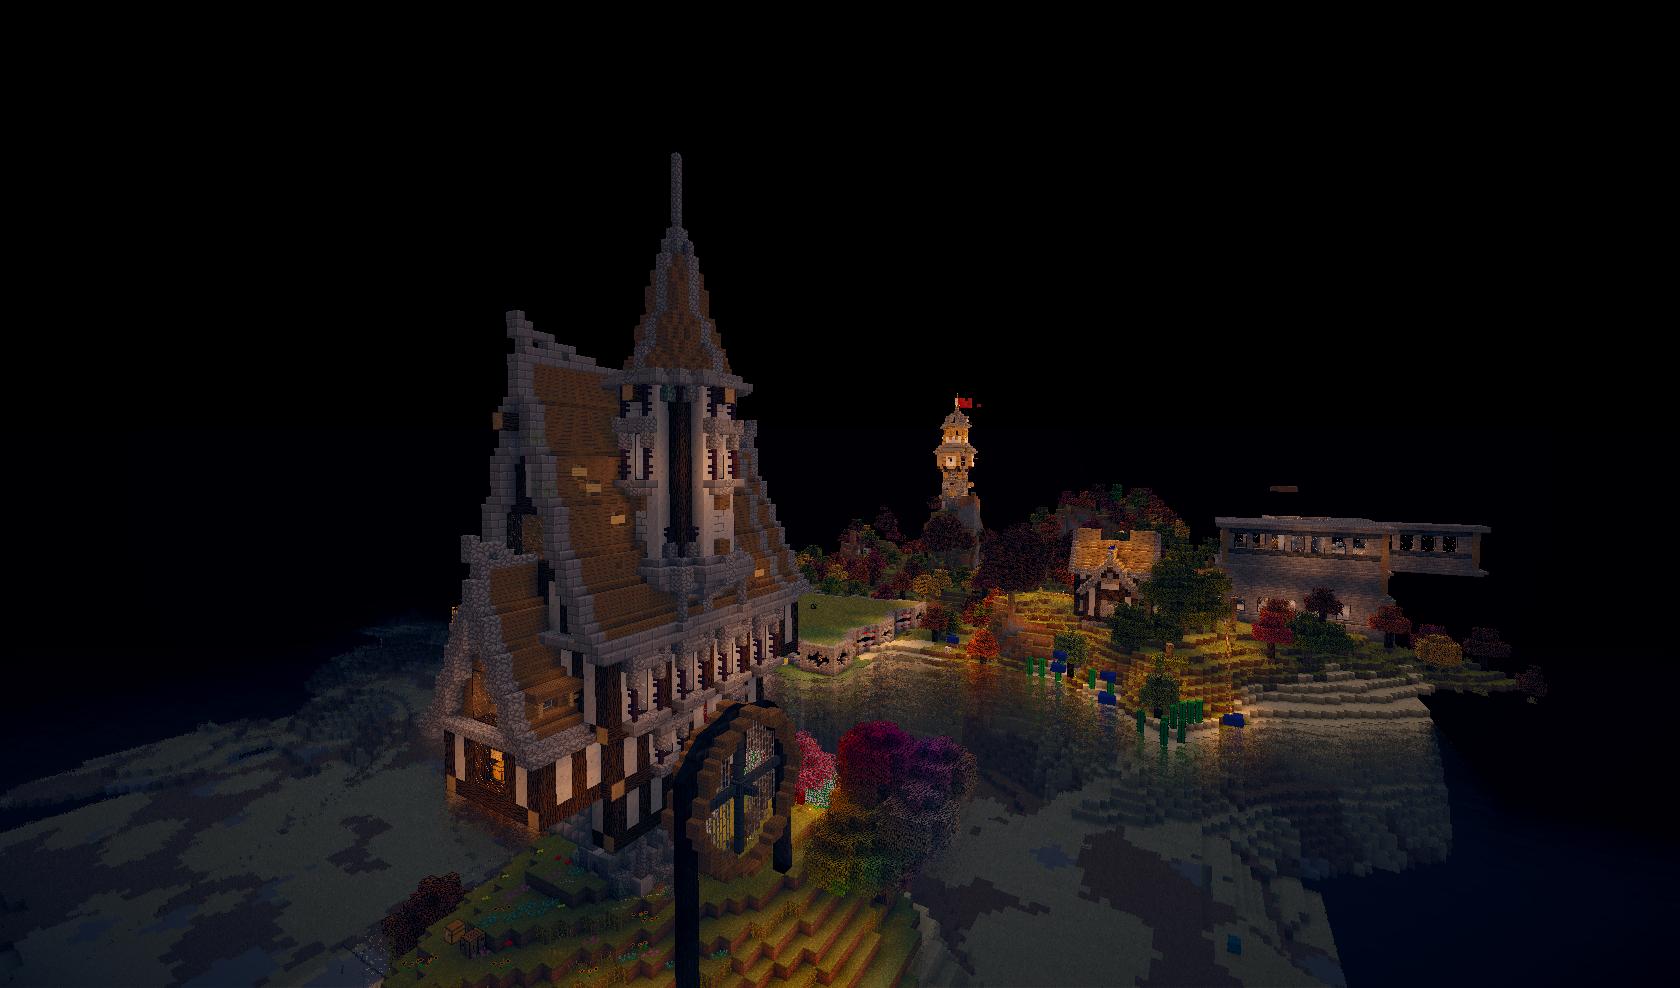 Mods MinecraftModsde - Minecraft hauser kopieren